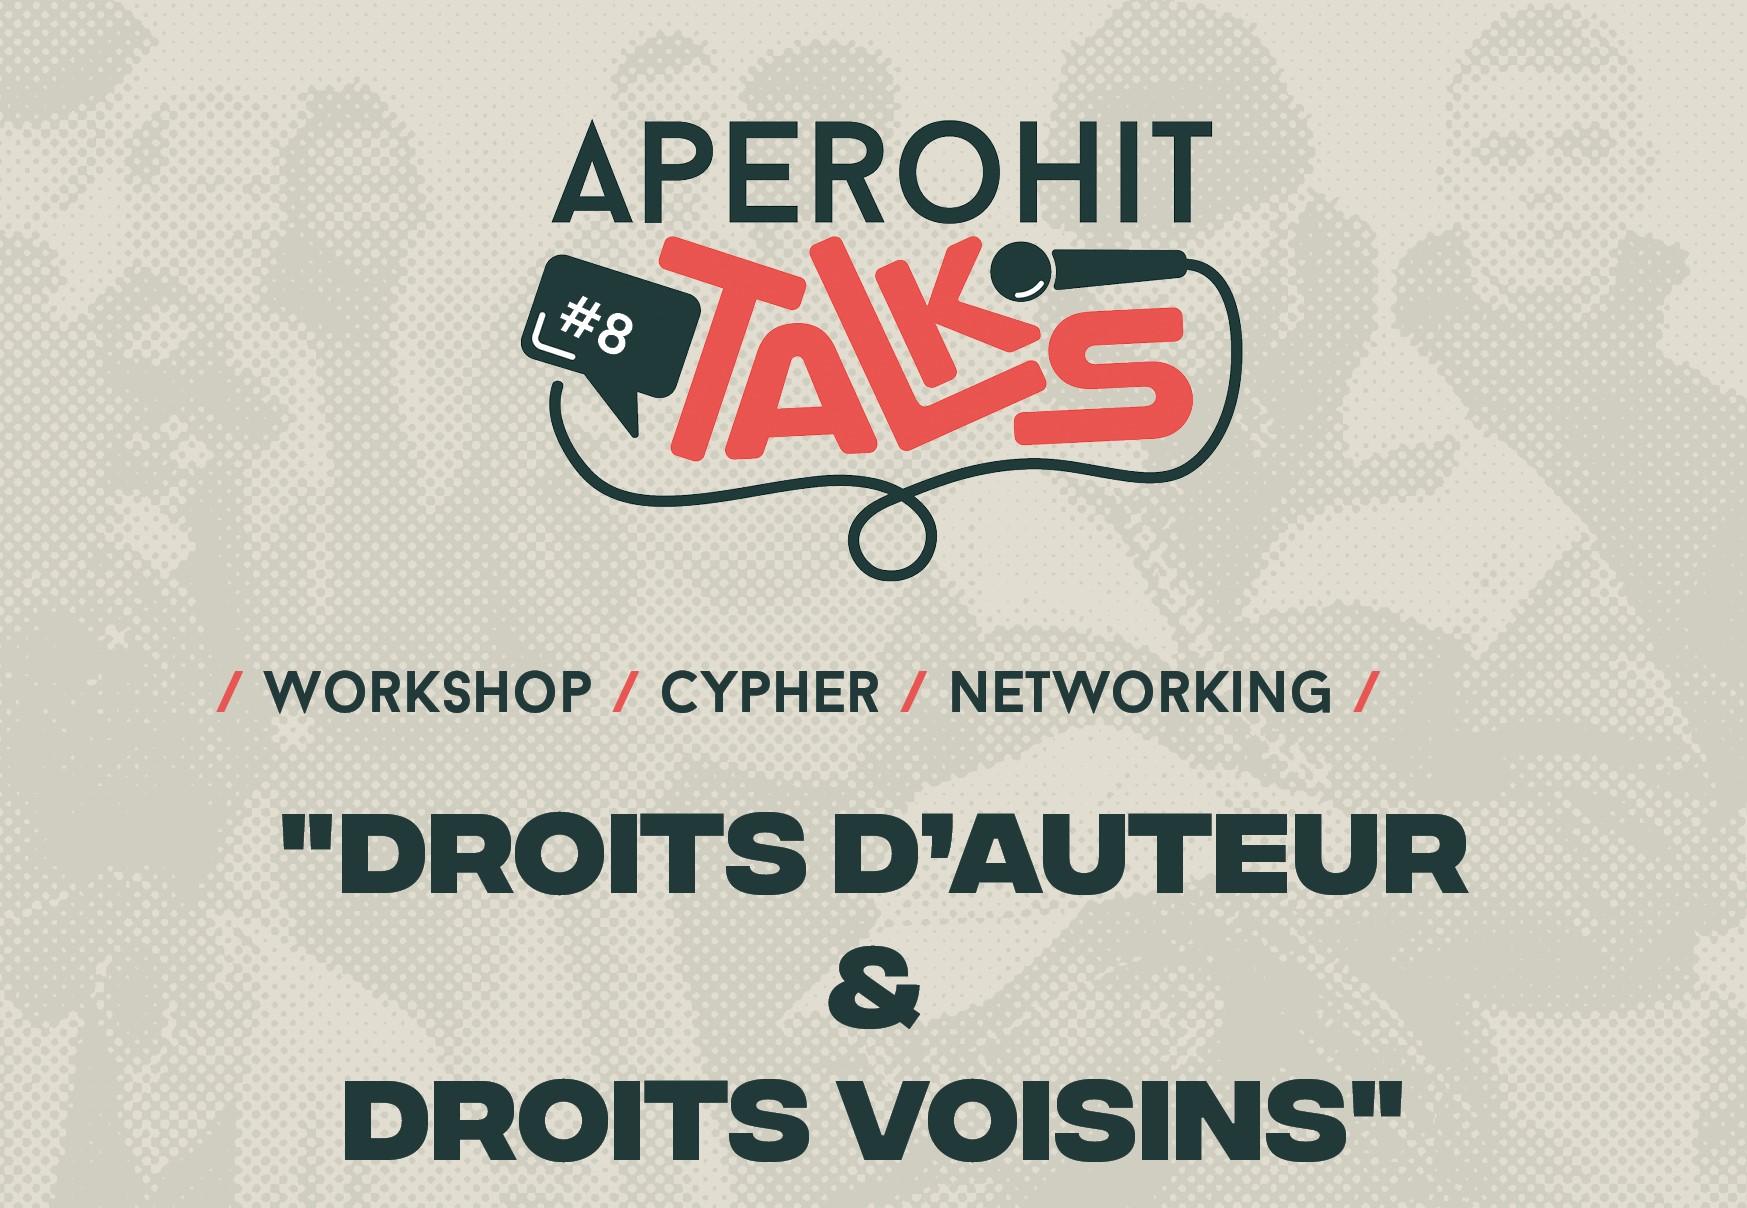 Droits d'auteur / droits voisins – Workshop